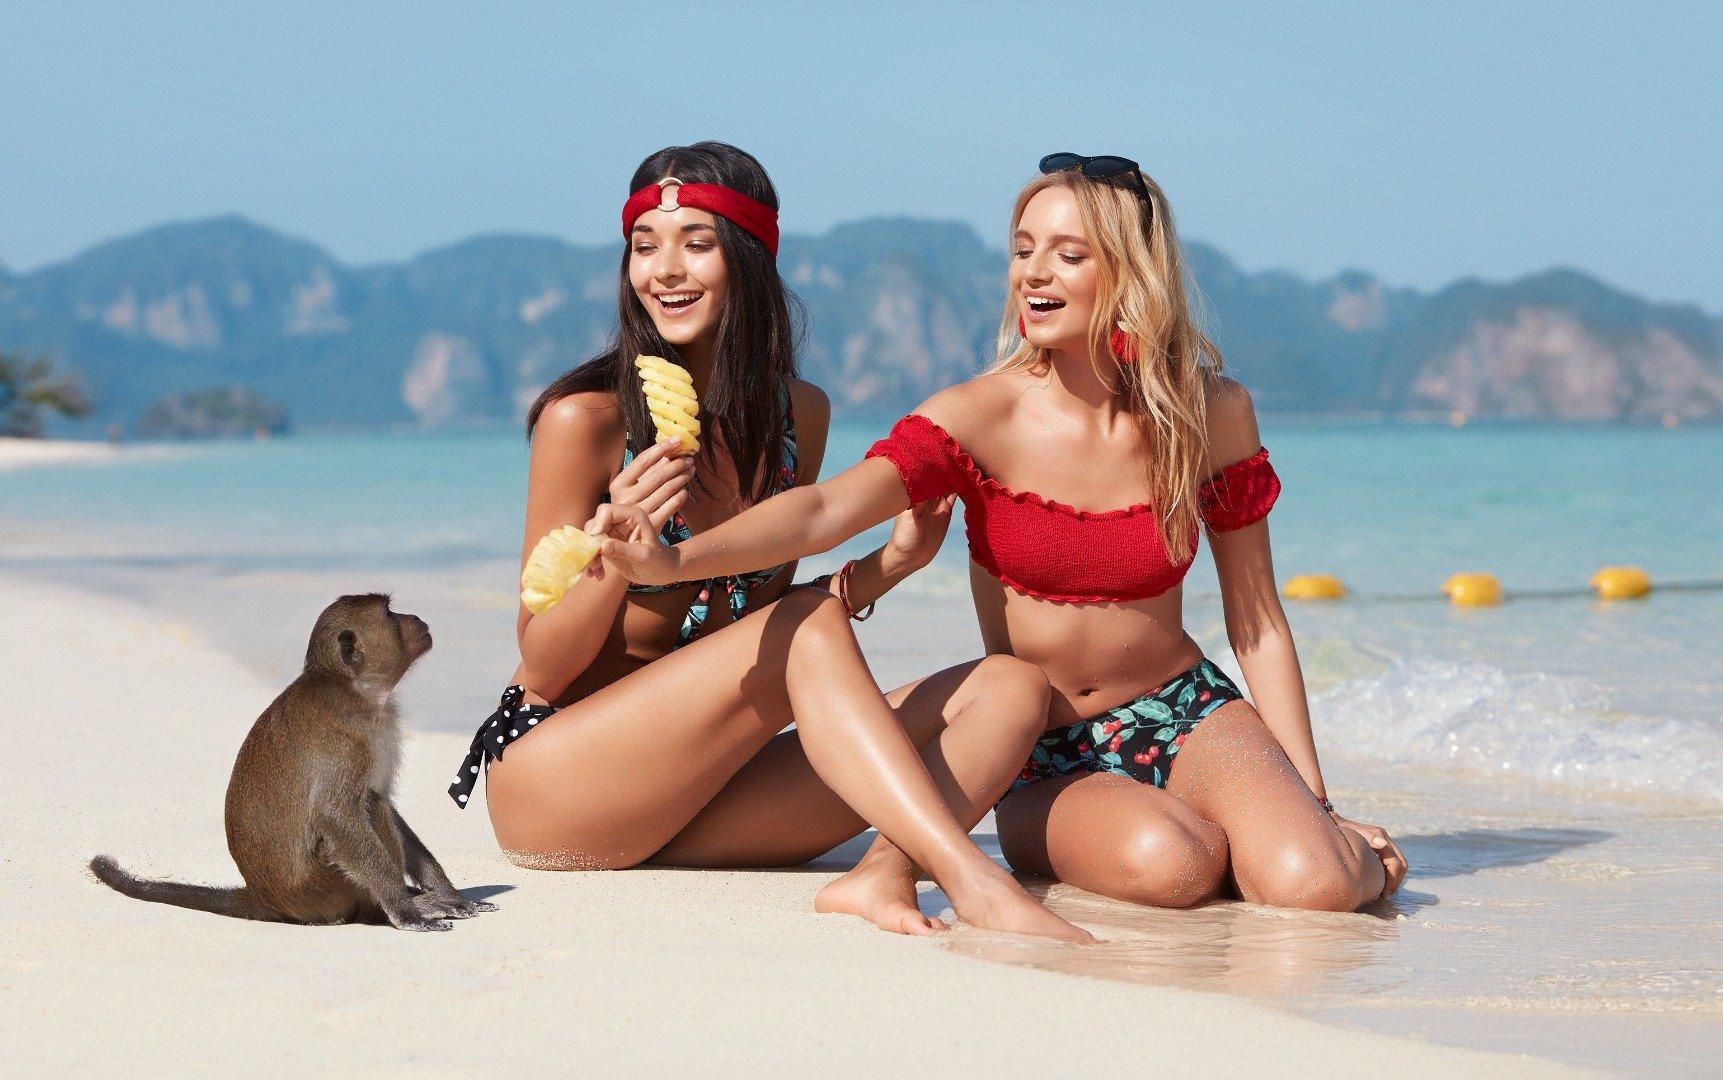 Her Kadın Plajda Göz Kamaştırabilir